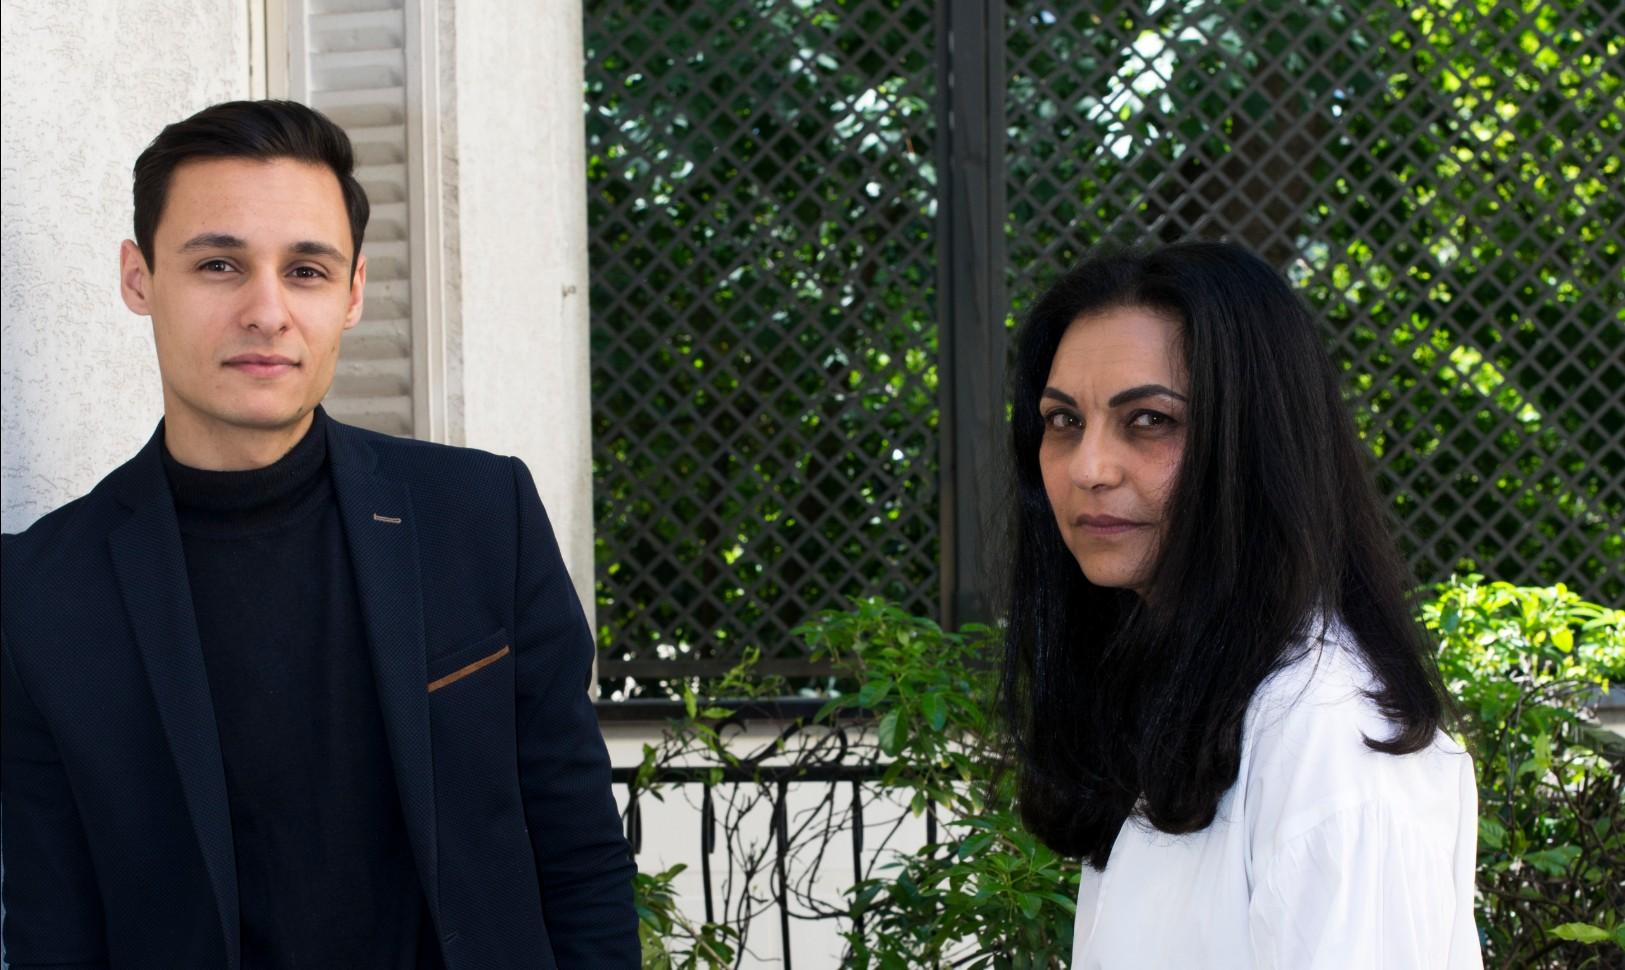 Ayyam Sureau et Montasser Idhhiba, chef de cuisine Hannah ASSOULINE